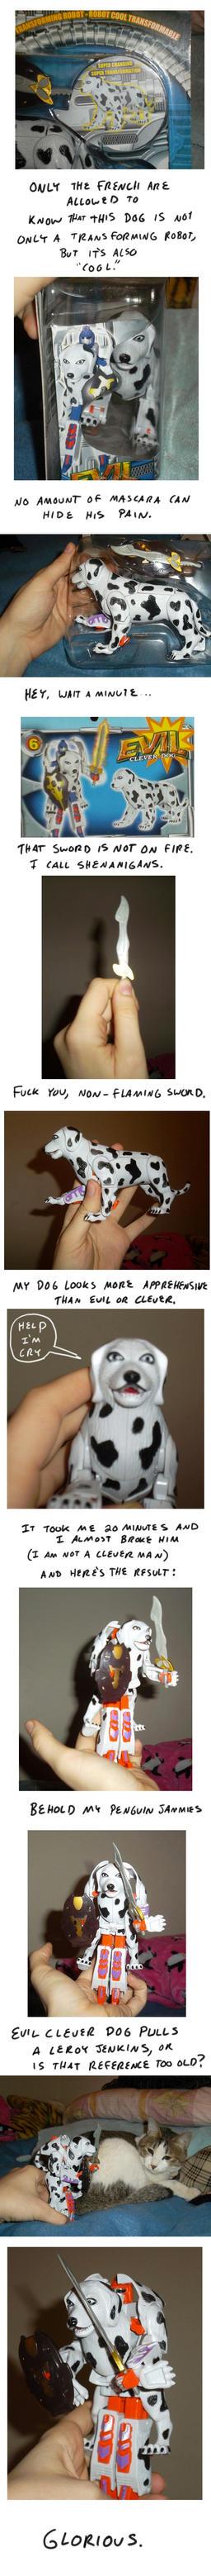 Dog Toys Coloured Hard Pkastic Bone Style